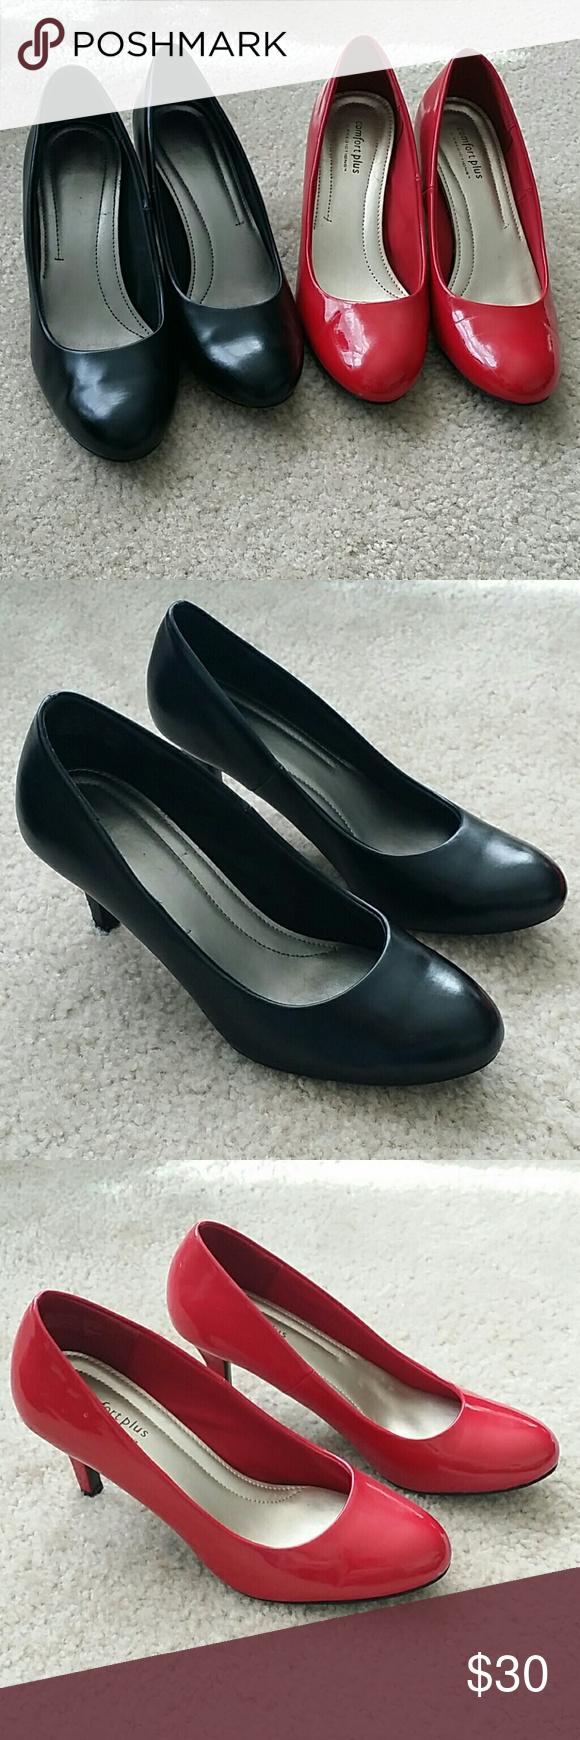 Comfy Kitten Heel Bundle | Kitten heels, Shoe polish and Business ...